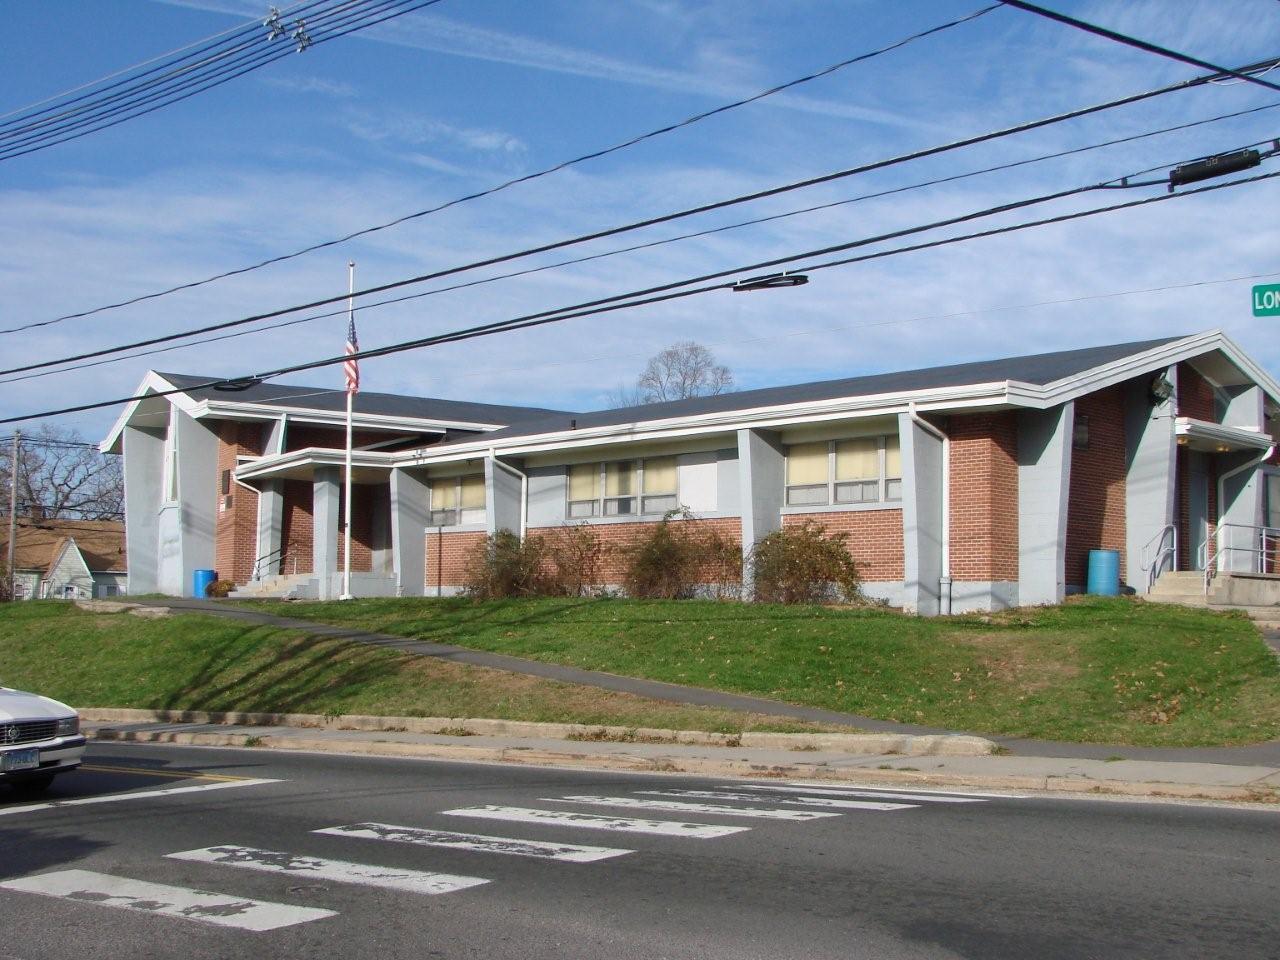 Image of Berkeley Heights in Waterbury, Connecticut